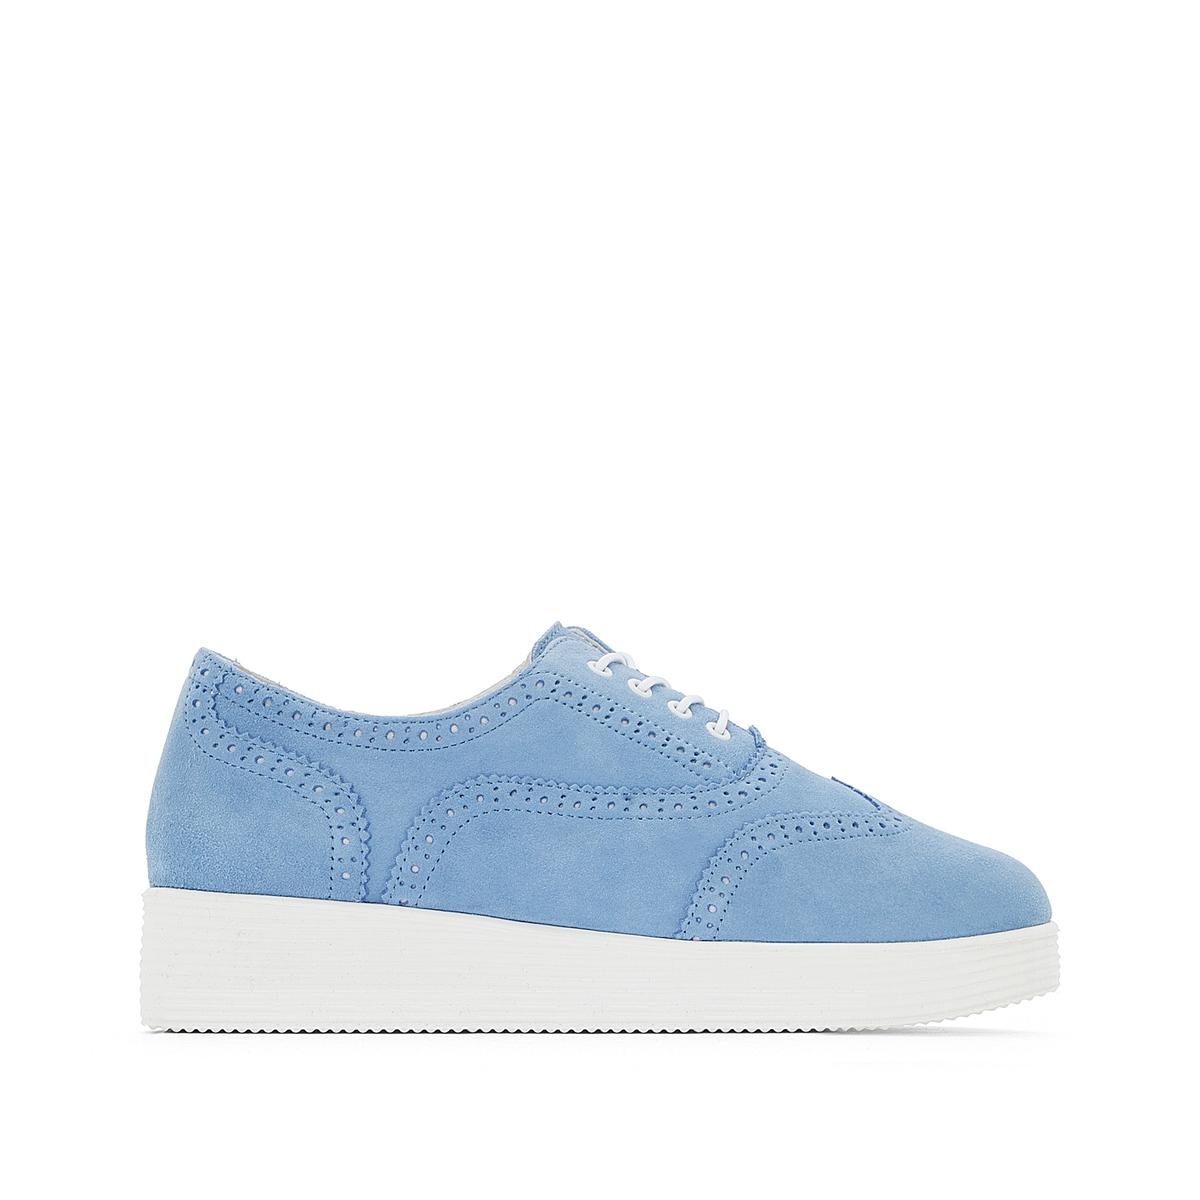 Ботинки-дерби замшевые Darichie ботинки дерби под кожу питона